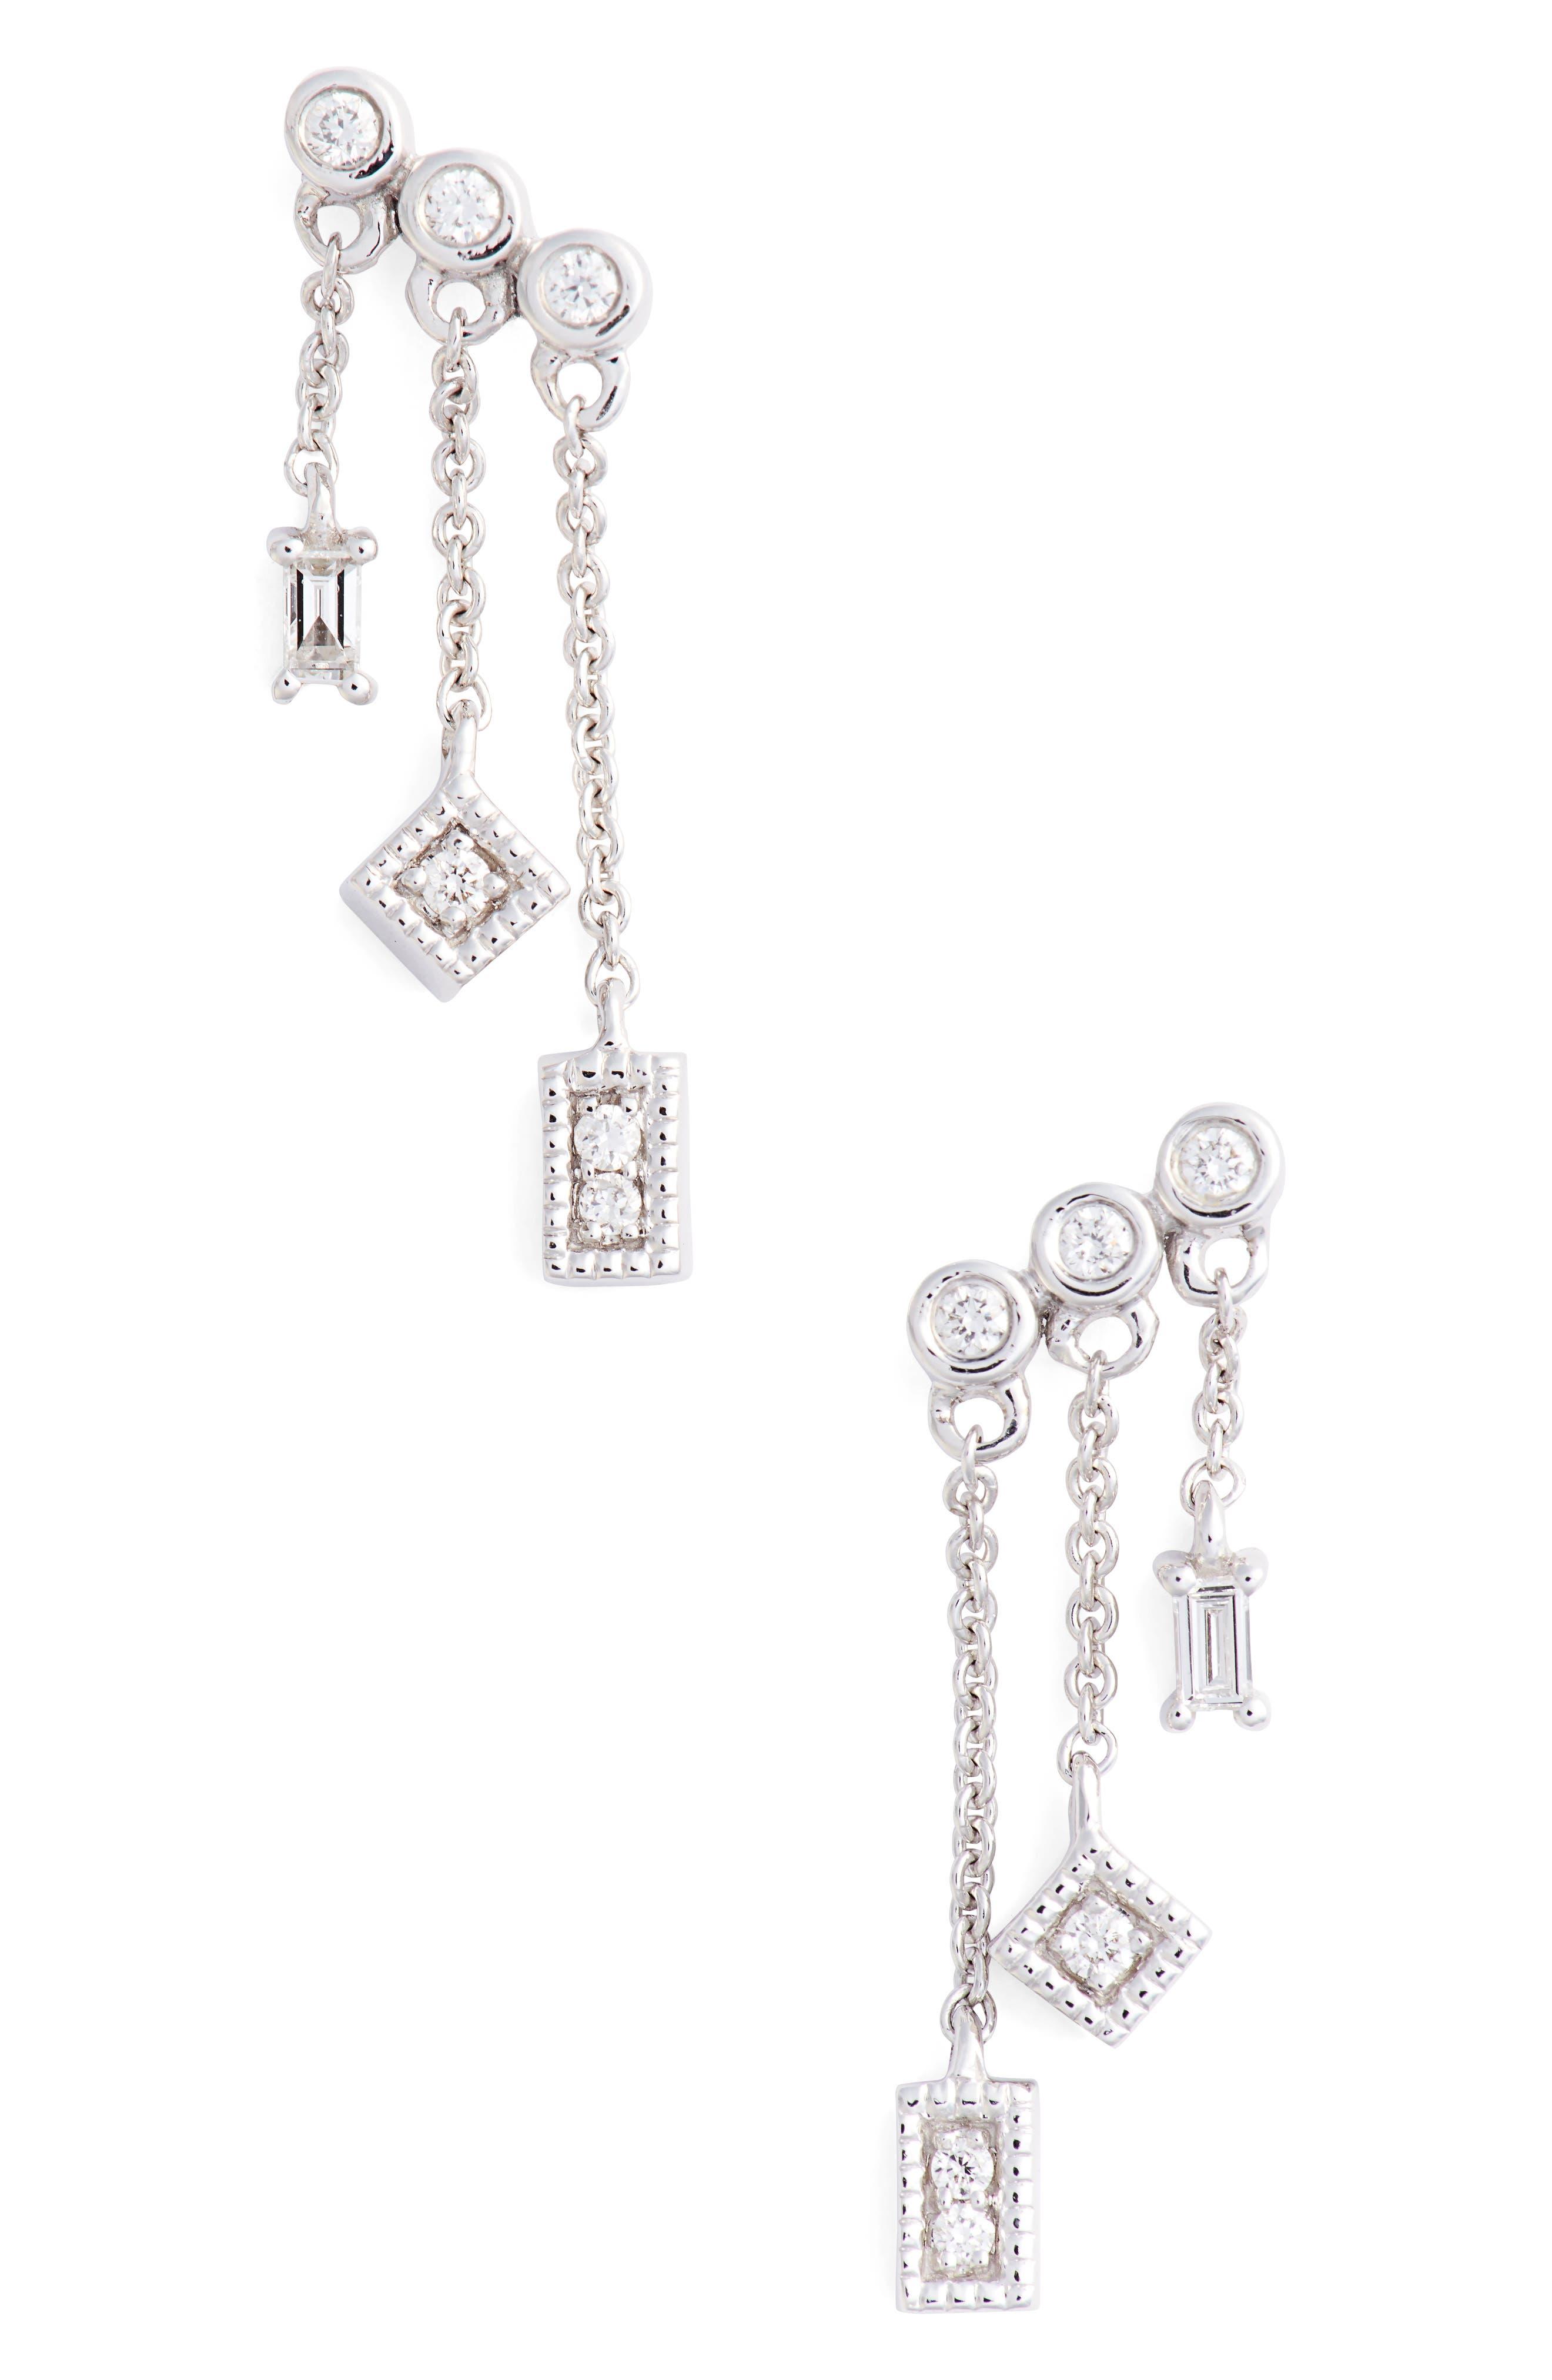 Lisa Michelle Diamond Drop Earrings,                             Main thumbnail 1, color,                             WHITE GOLD